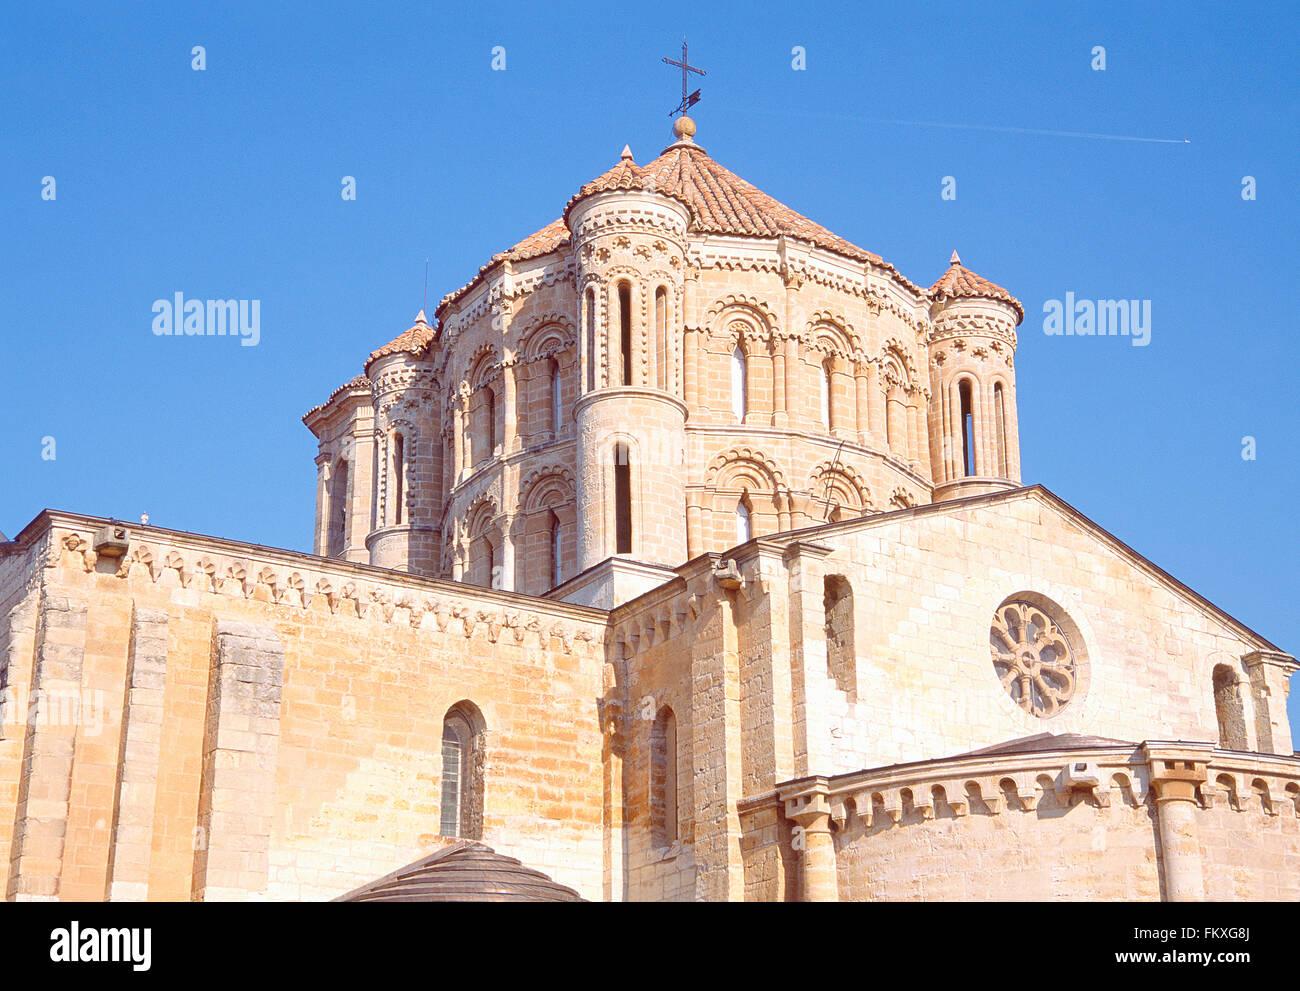 Dome. Collegiate church, Toro, Zamora province, Castilla Leon, Spain. - Stock Image